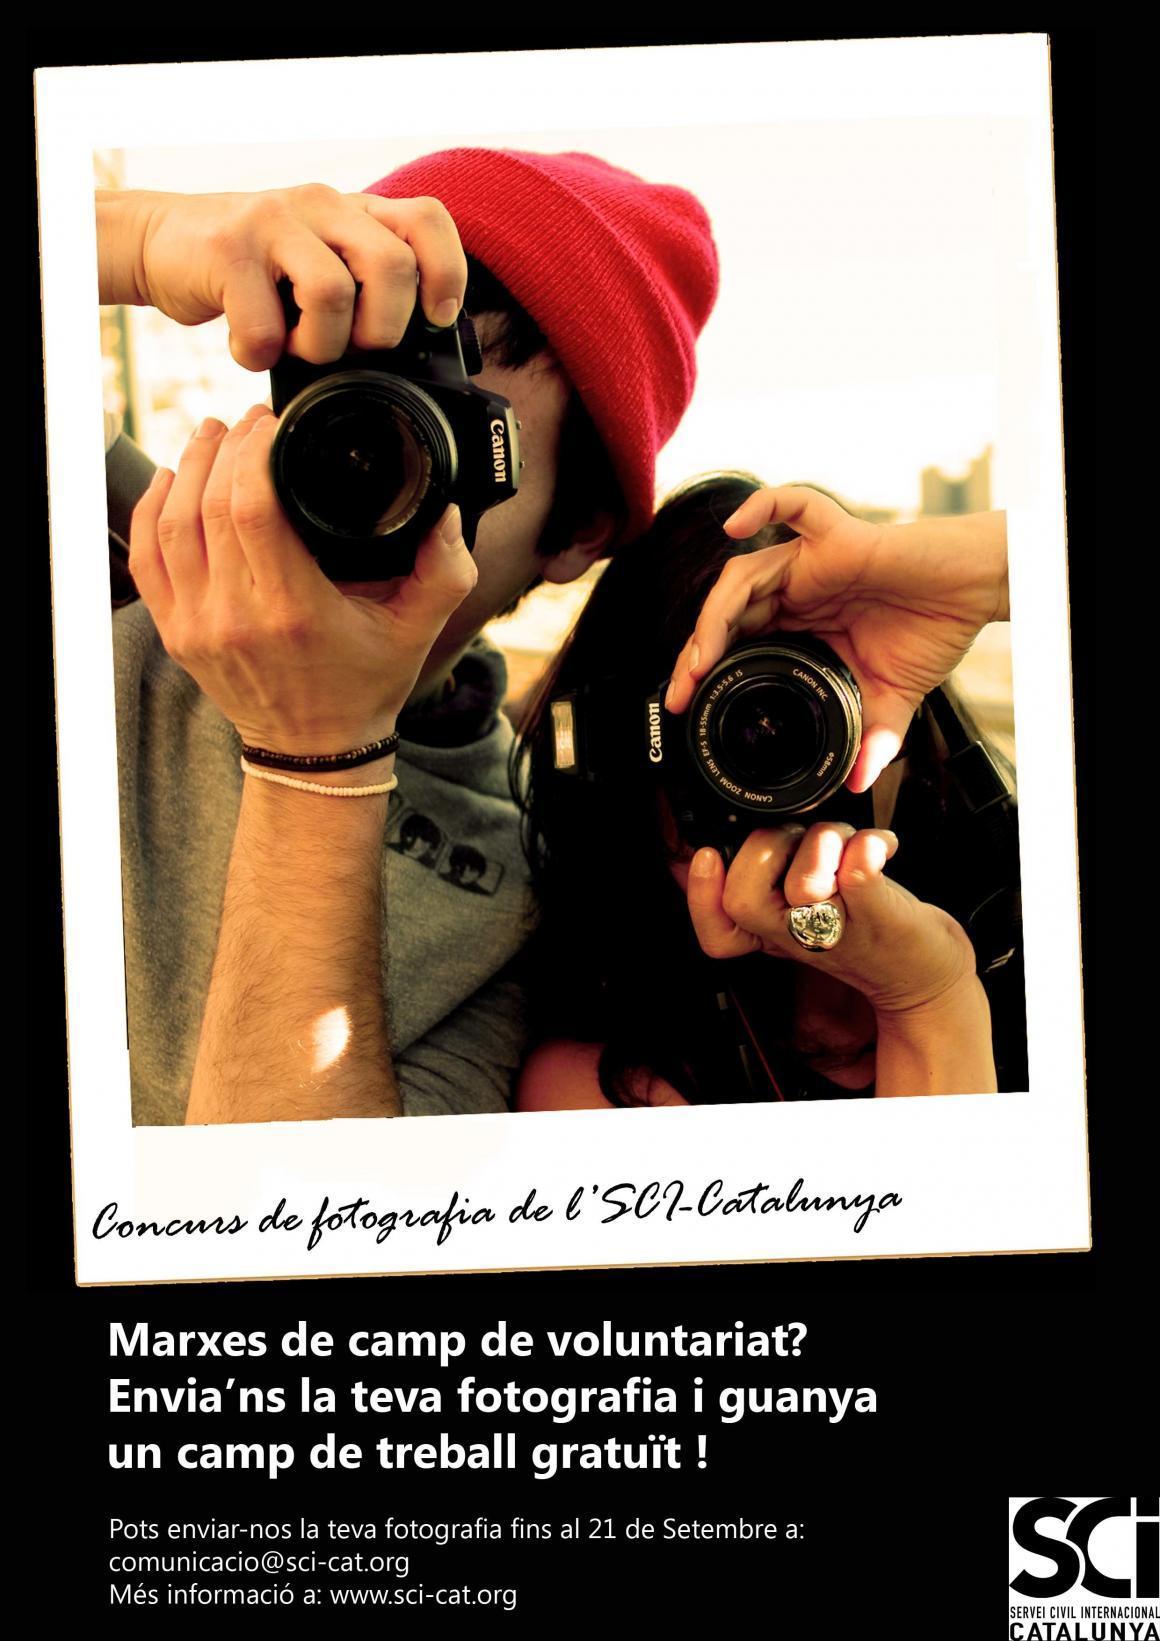 Has marxat a un Camp de Voluntariat? Participa al concurs de fotografia!